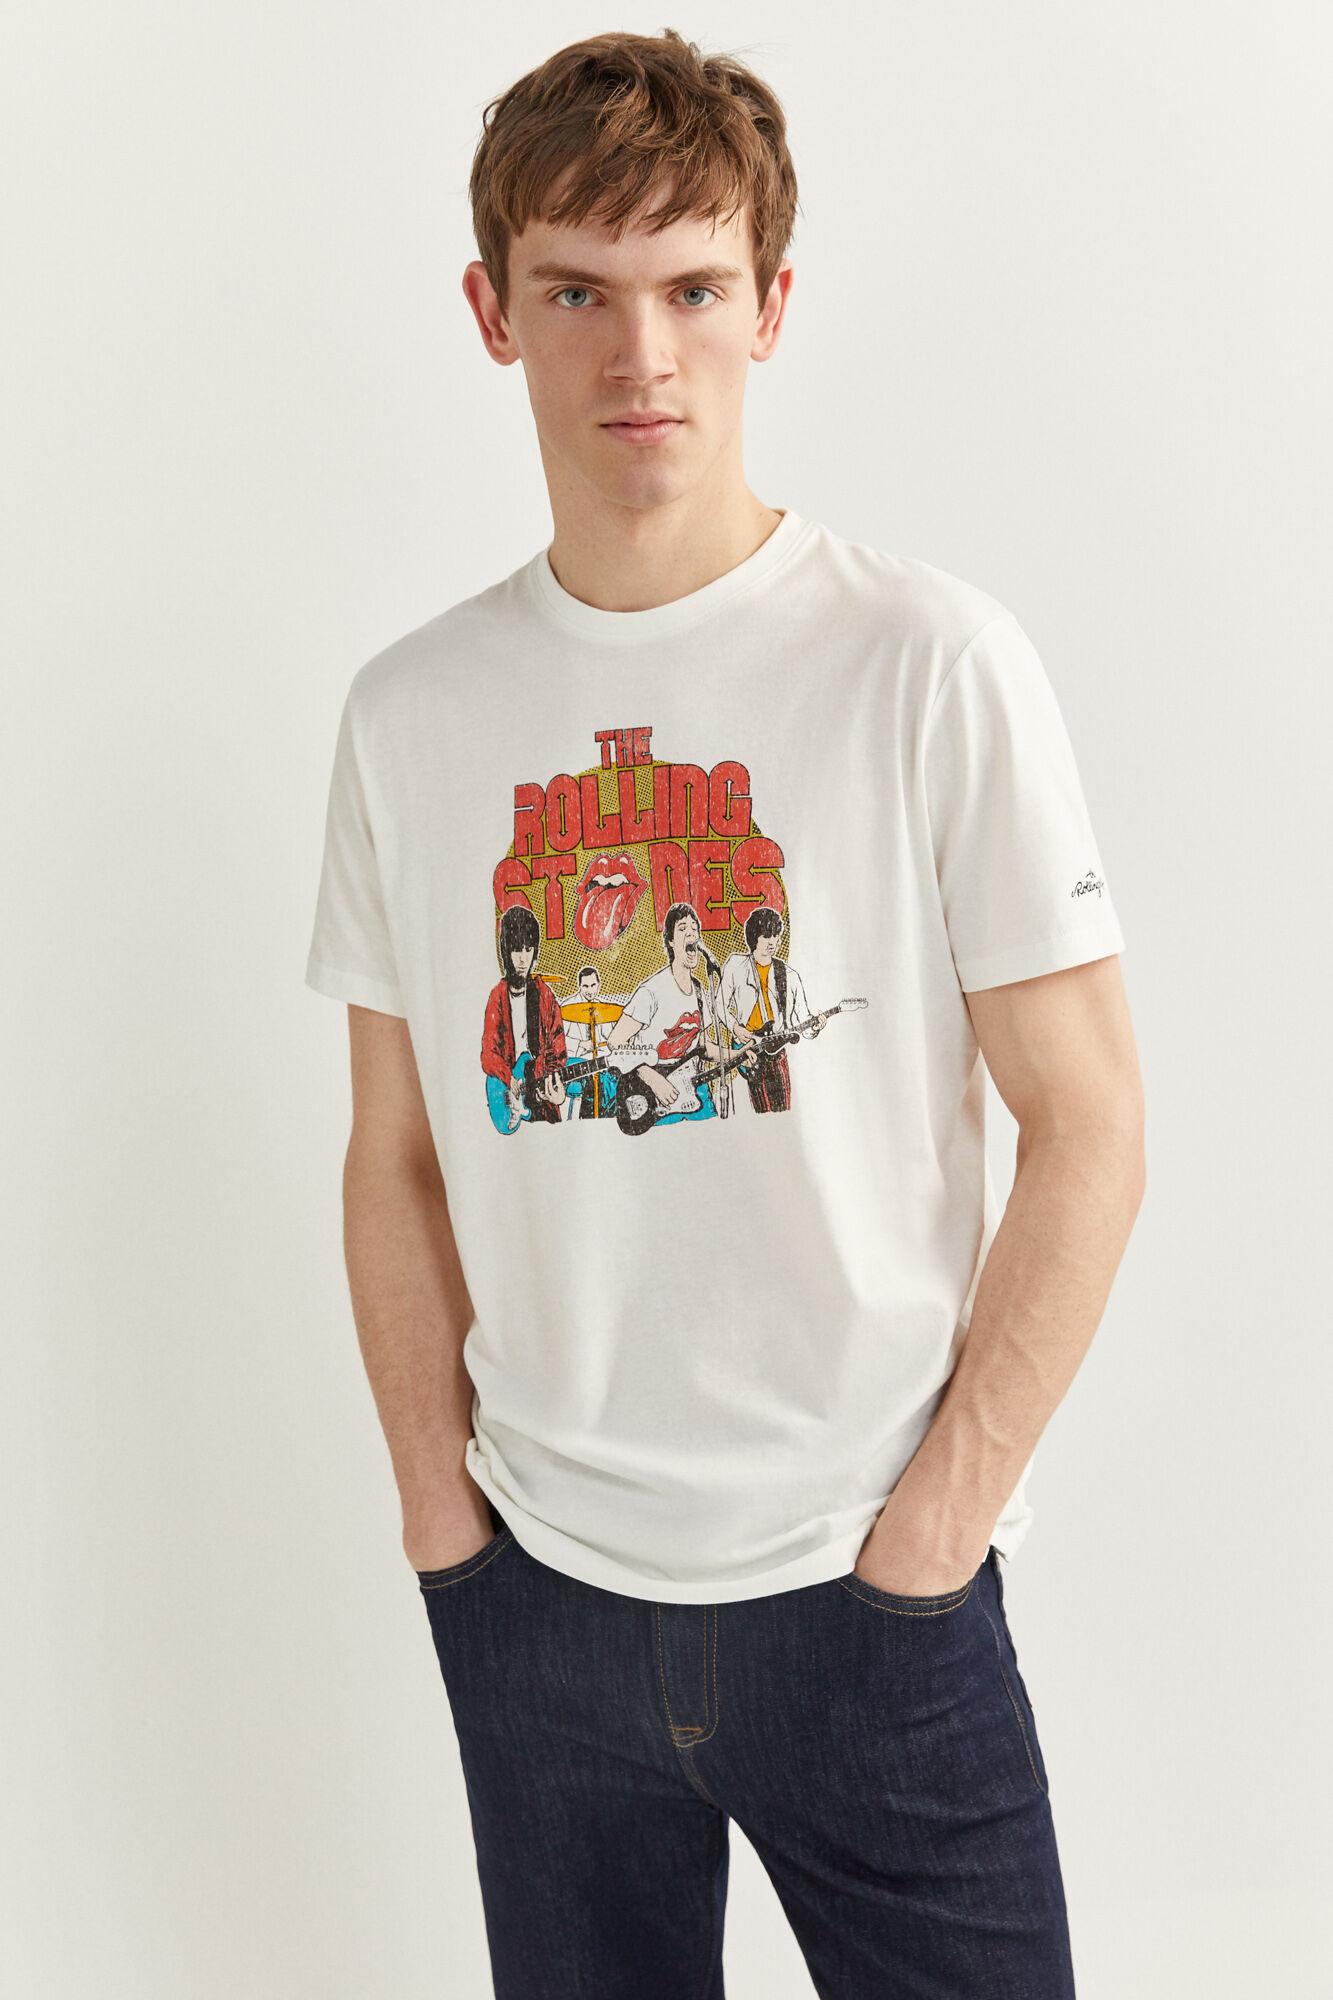 Camiseta manga corta regular fit con estampado de ROLLING STONES.